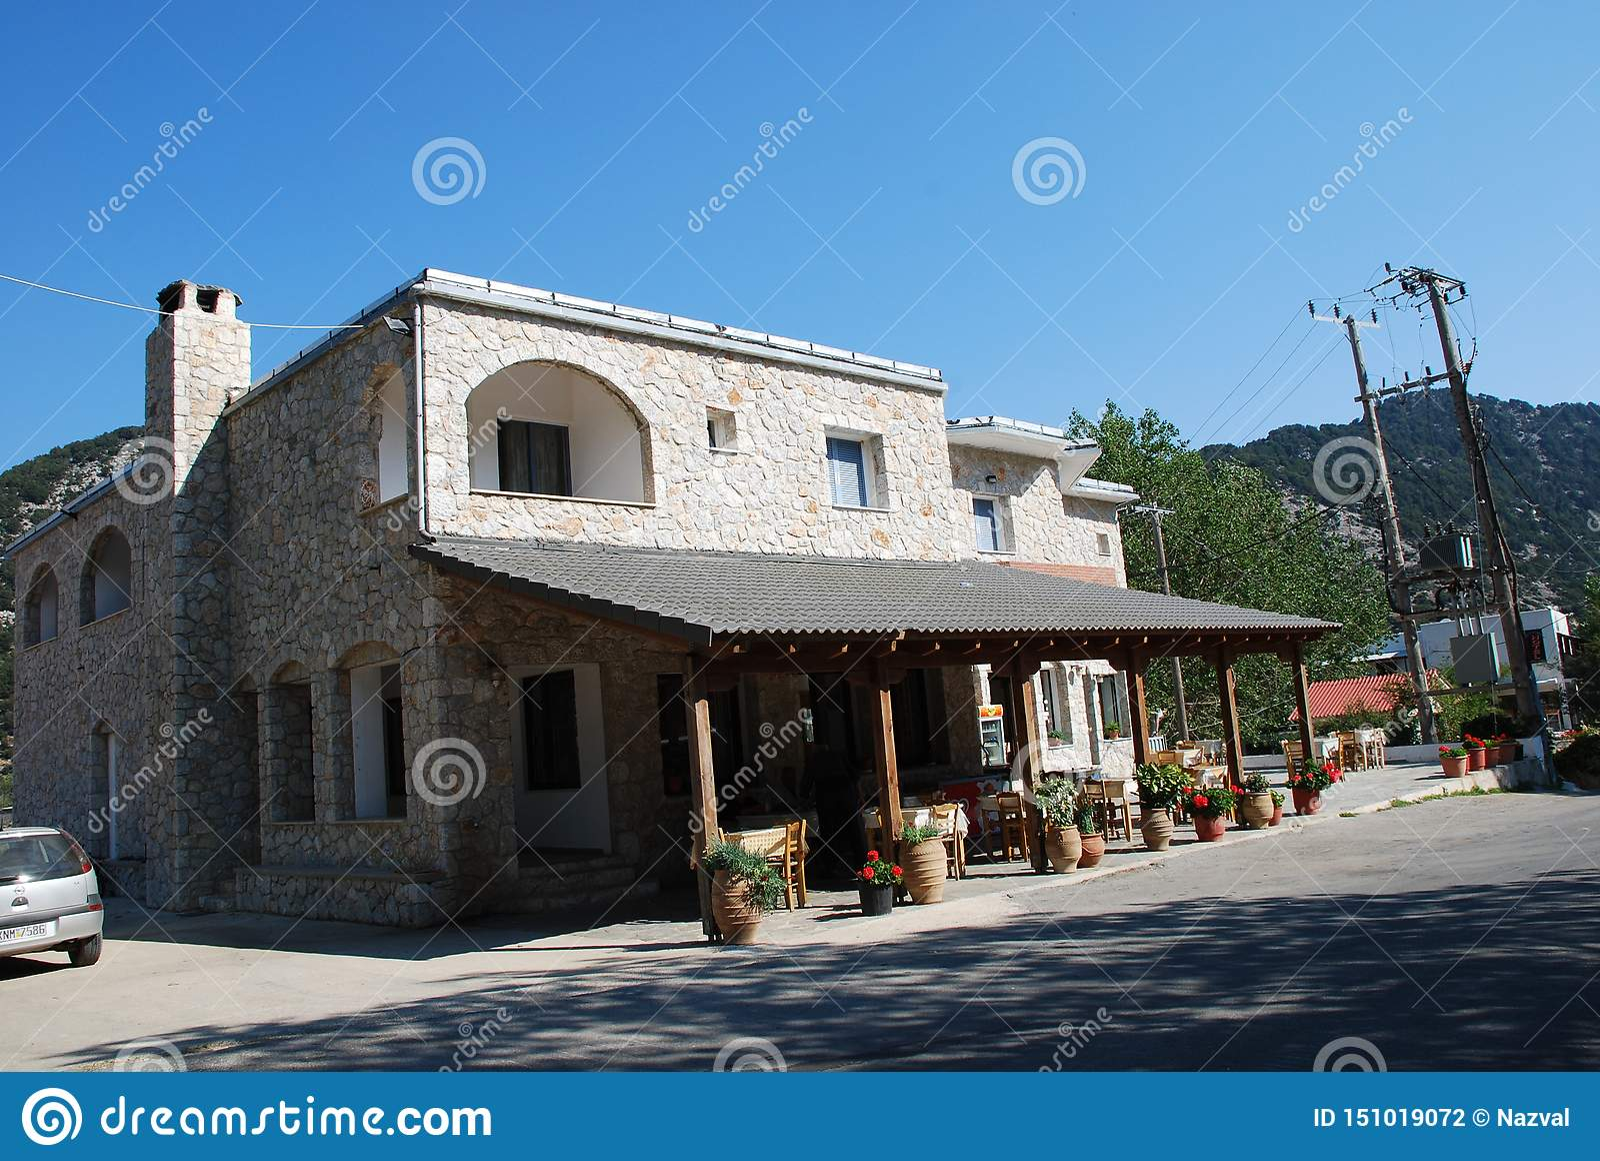 Een comfortabele koffie met een mooi ontwerp in een toevluchtstad op het Eiland Kreta